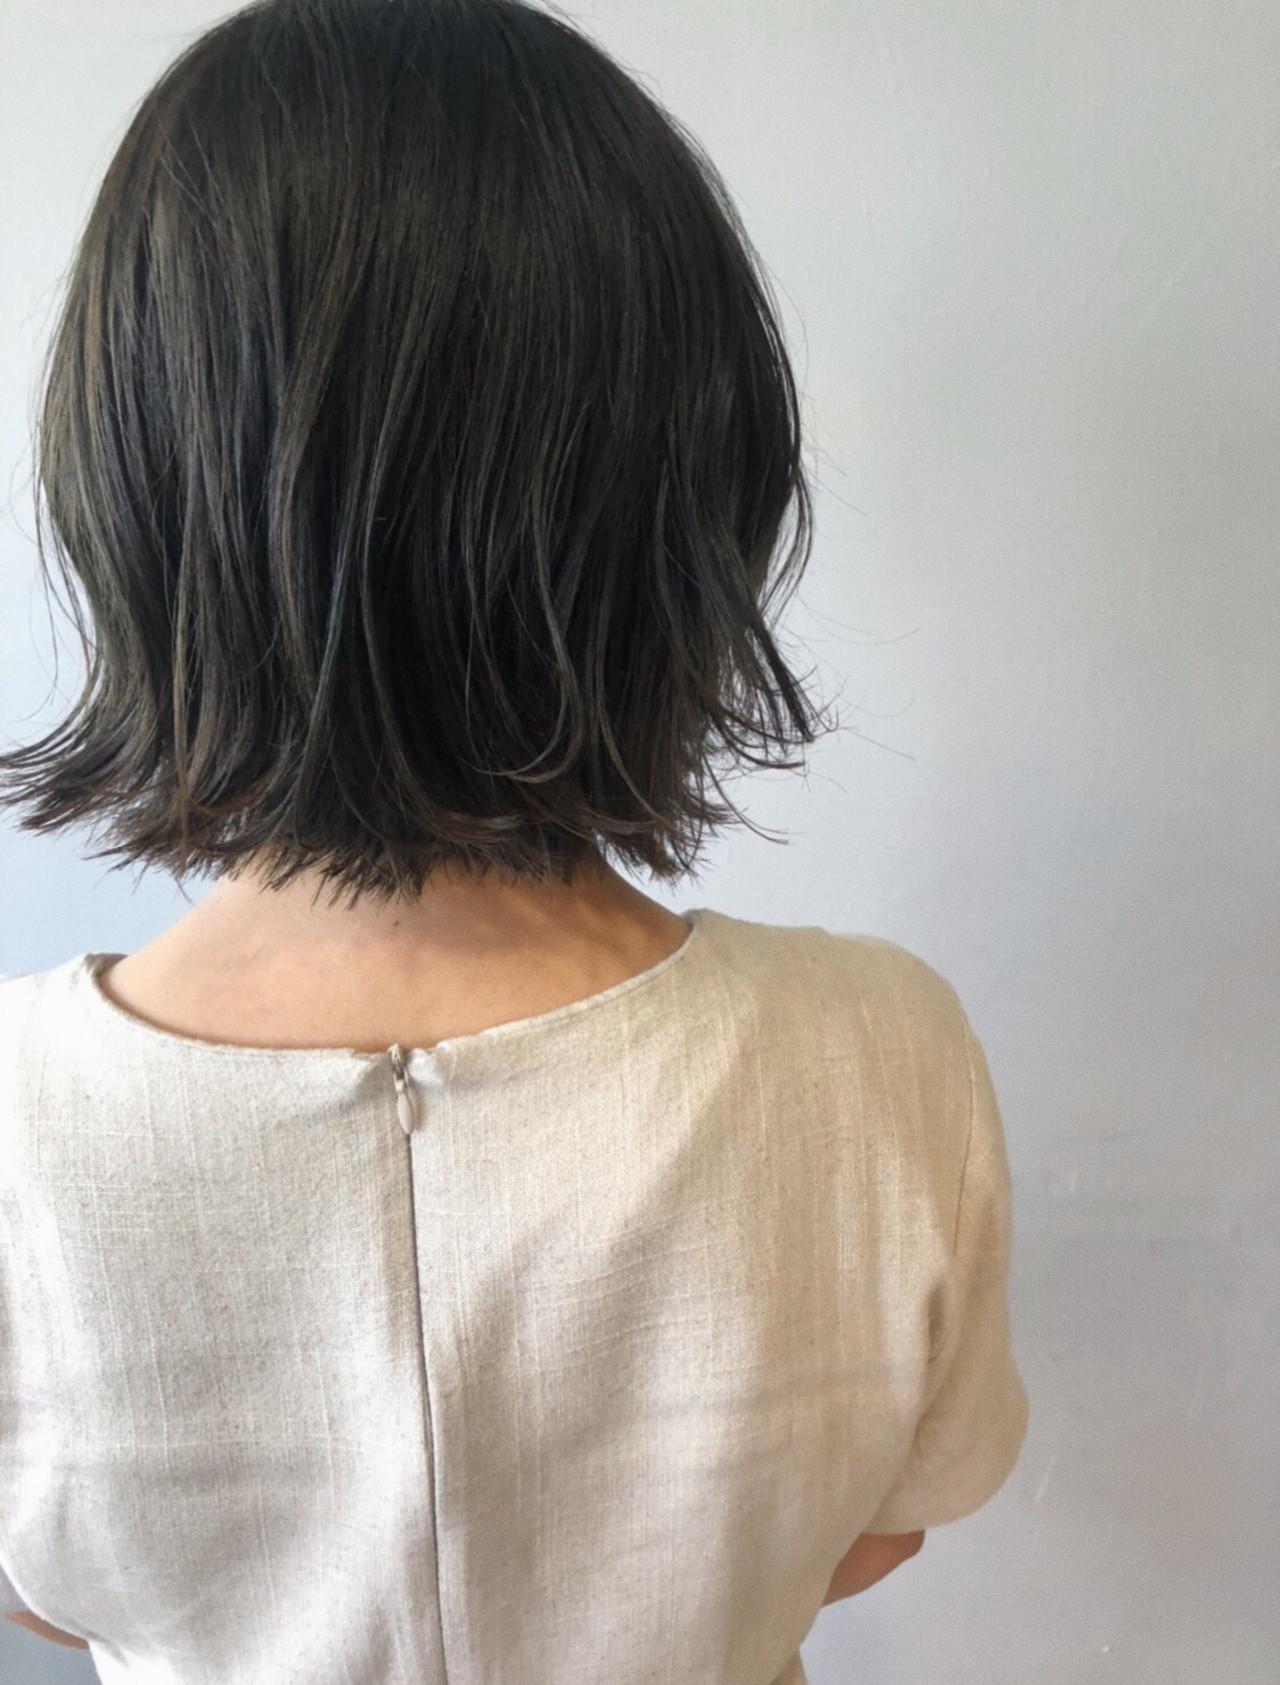 ボブ ミニボブ ショートヘア ナチュラル ヘアスタイルや髪型の写真・画像